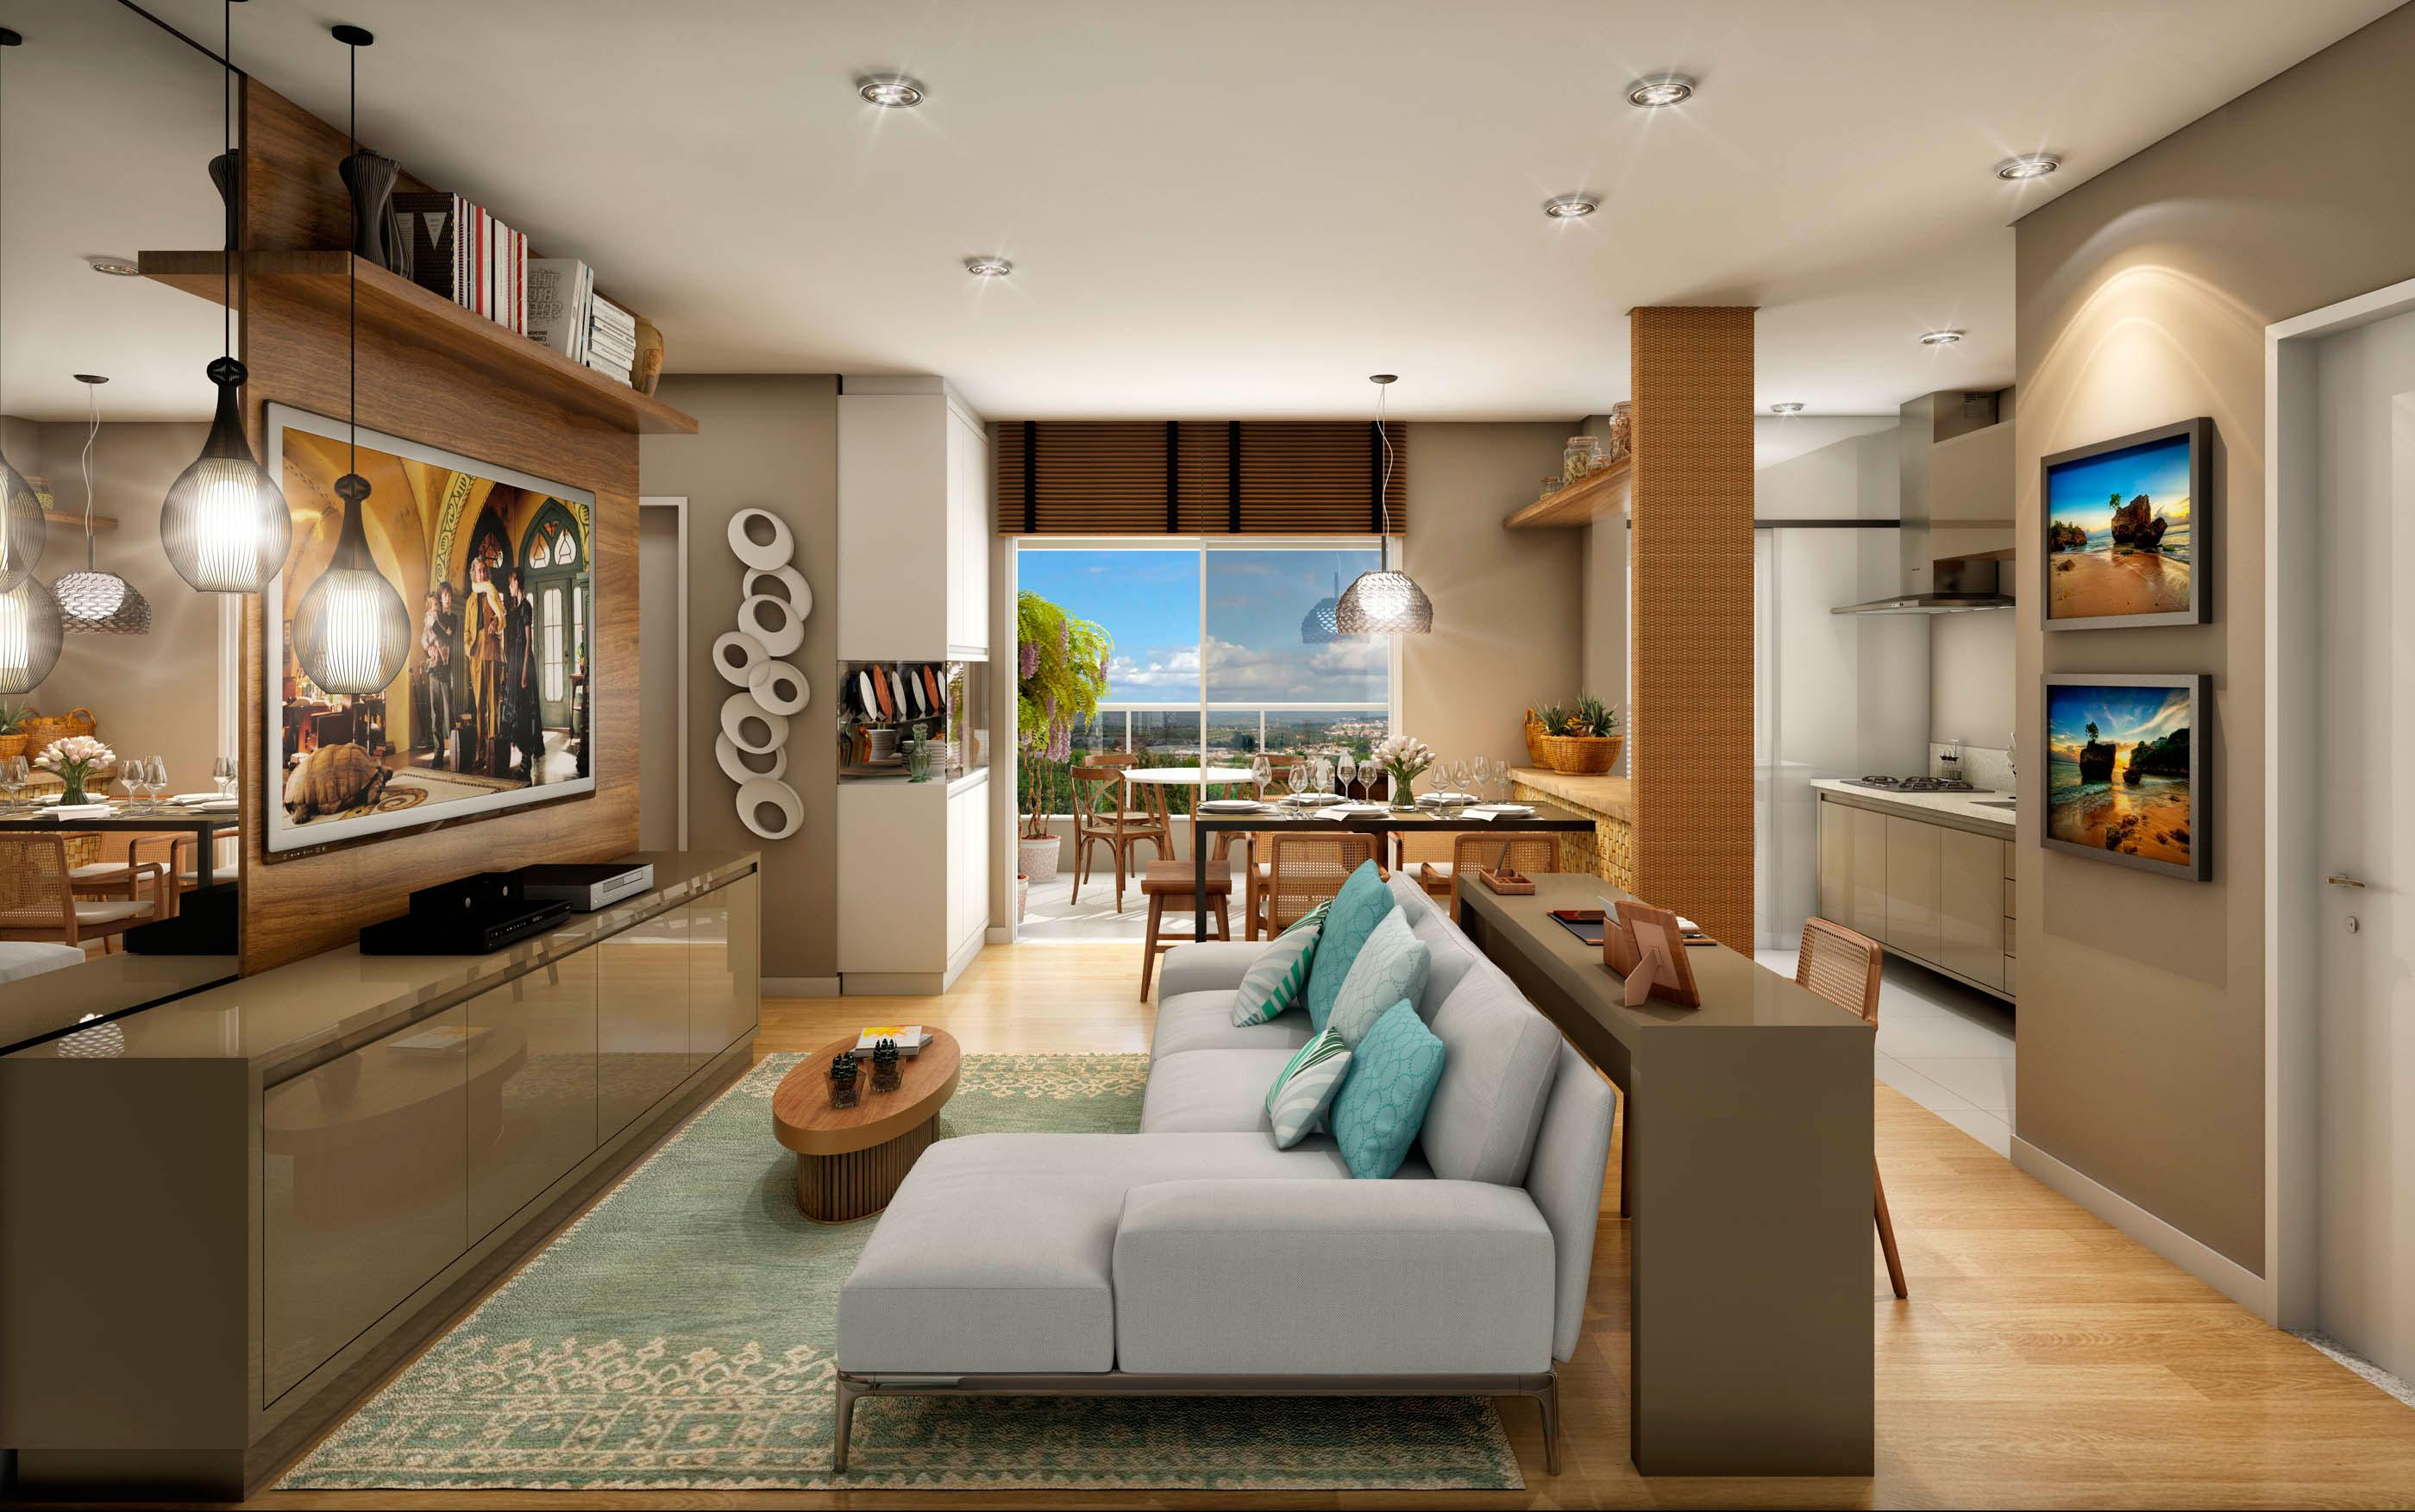 Sala Para Dois Ambientes 60 Projetos Integrados Fotos  -> Salas De Luxo Decoradas